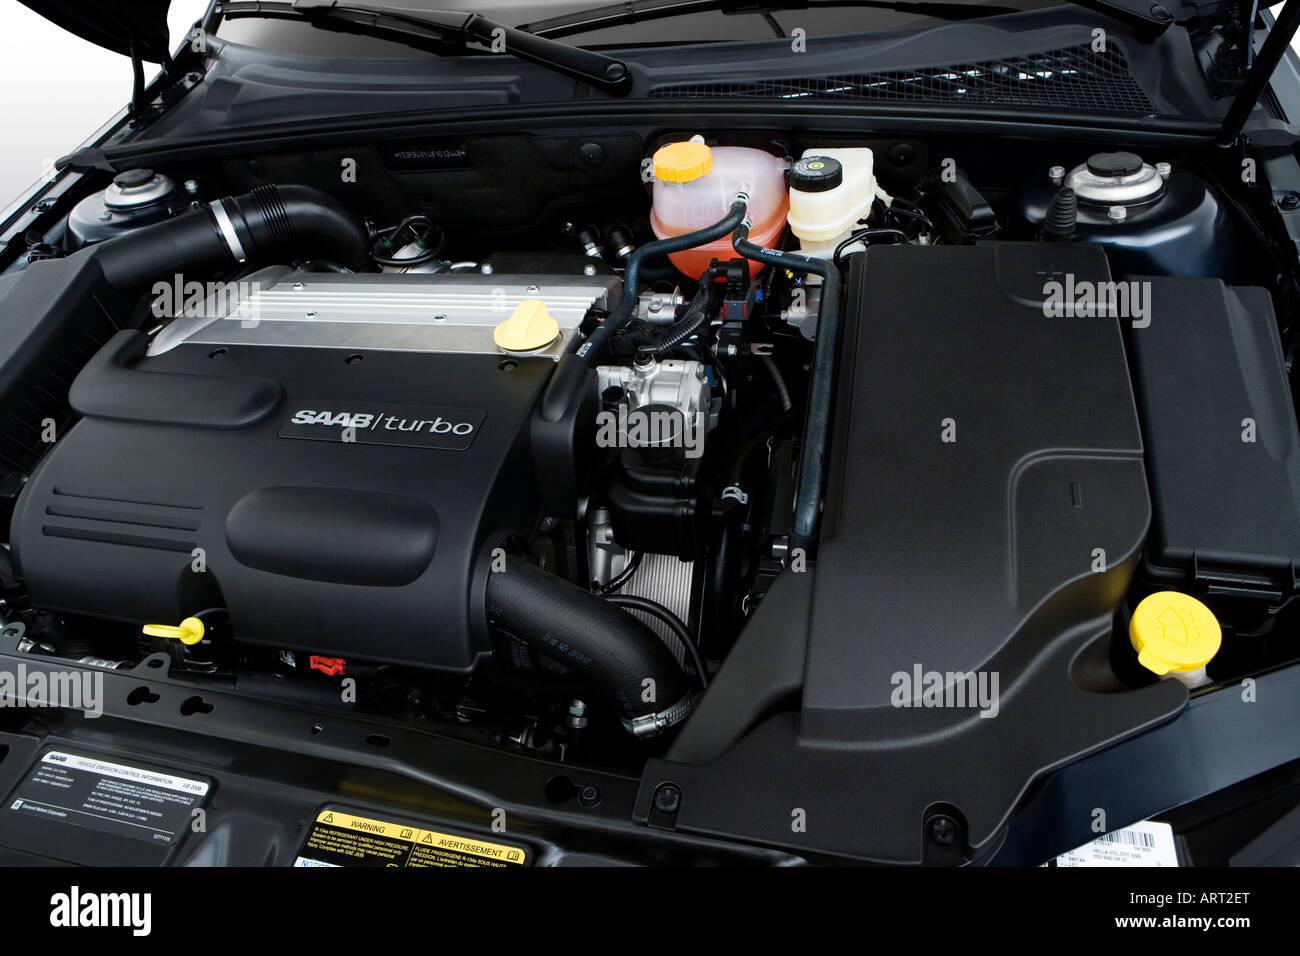 2008 Saab 9 3 2 0t Sport Stock Photos & 2008 Saab 9 3 2 0t Sport